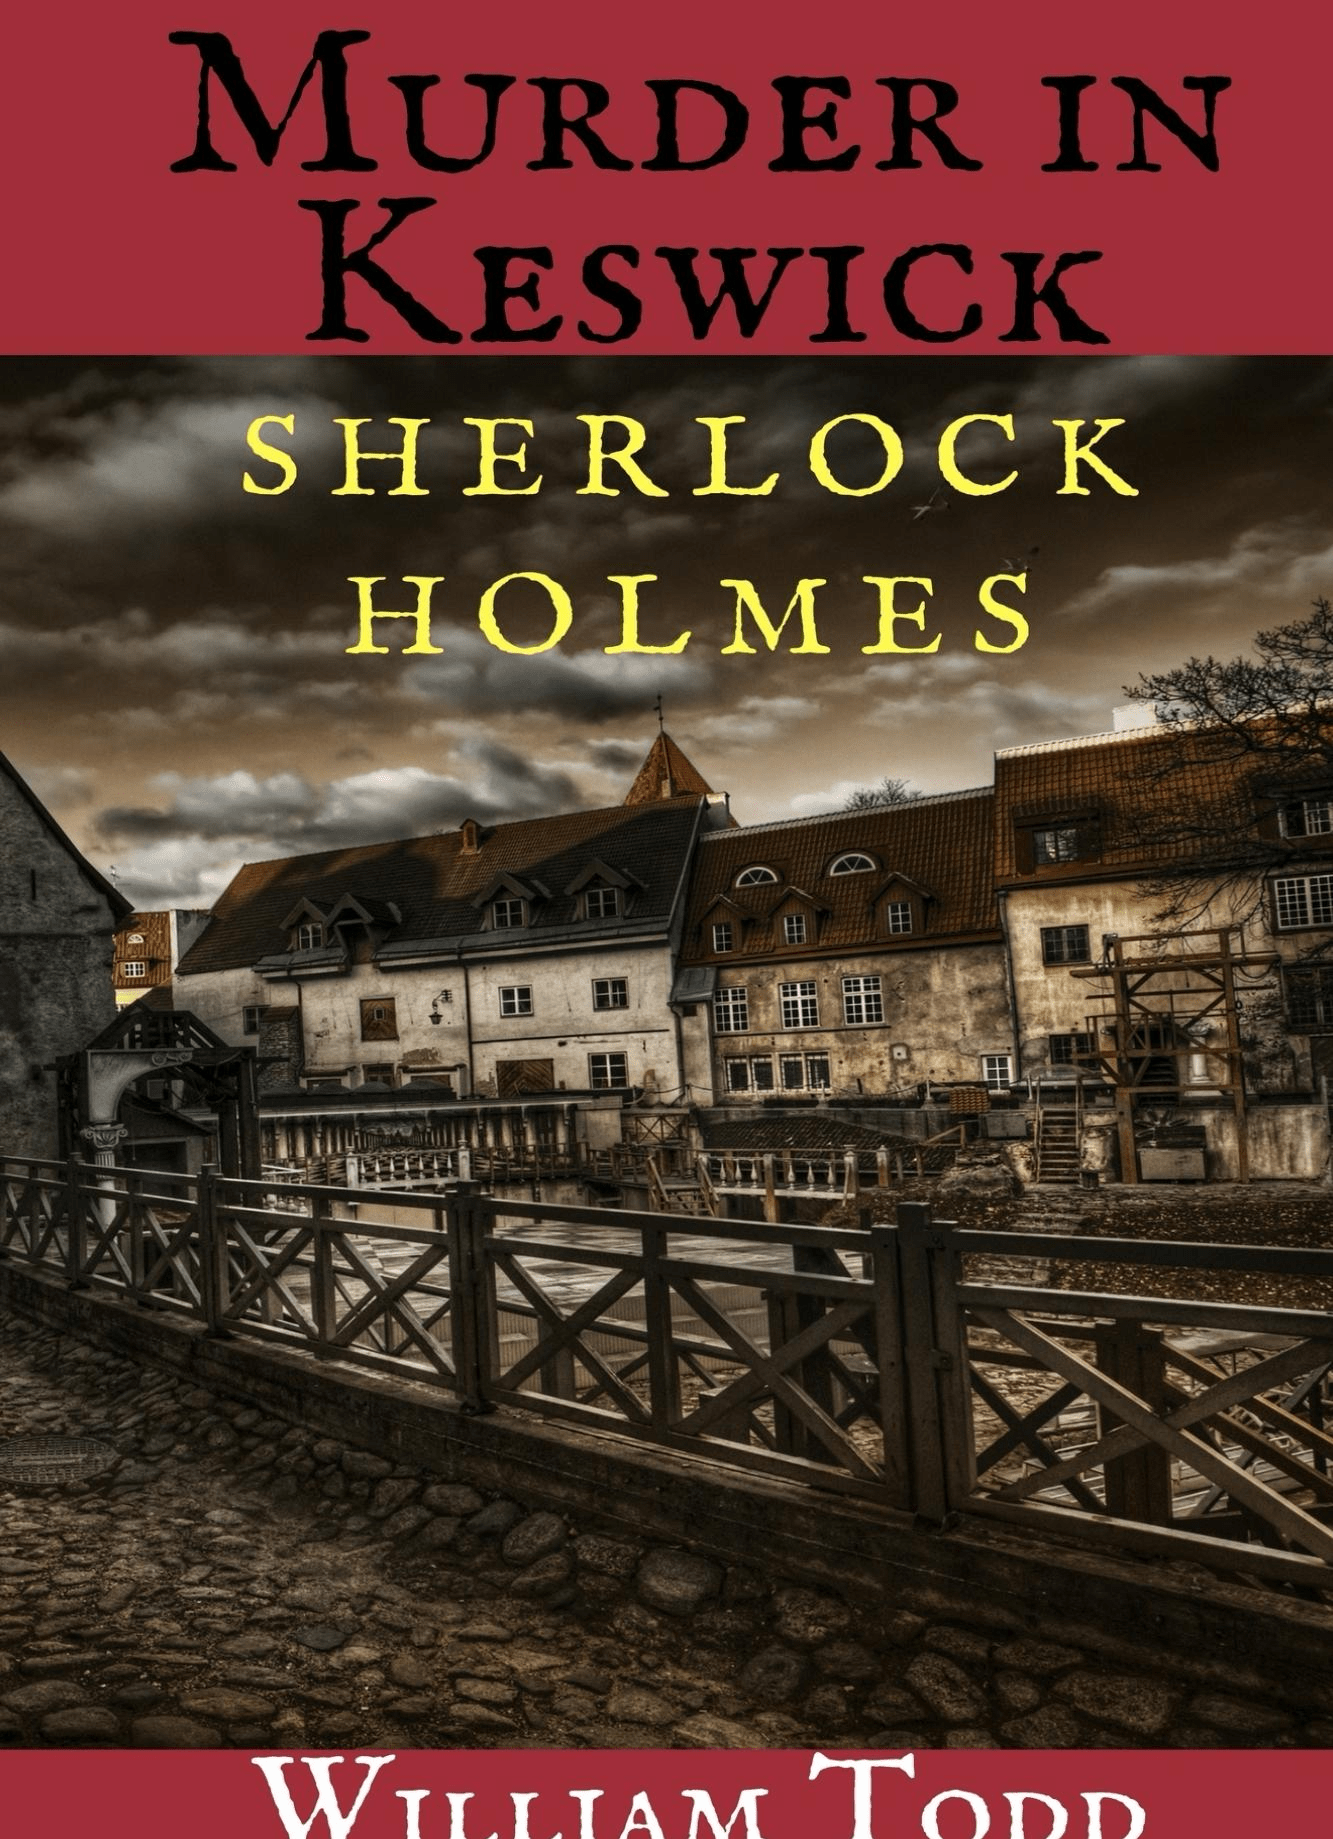 Murder in Keswick: A Sherlock Holmes Mystery